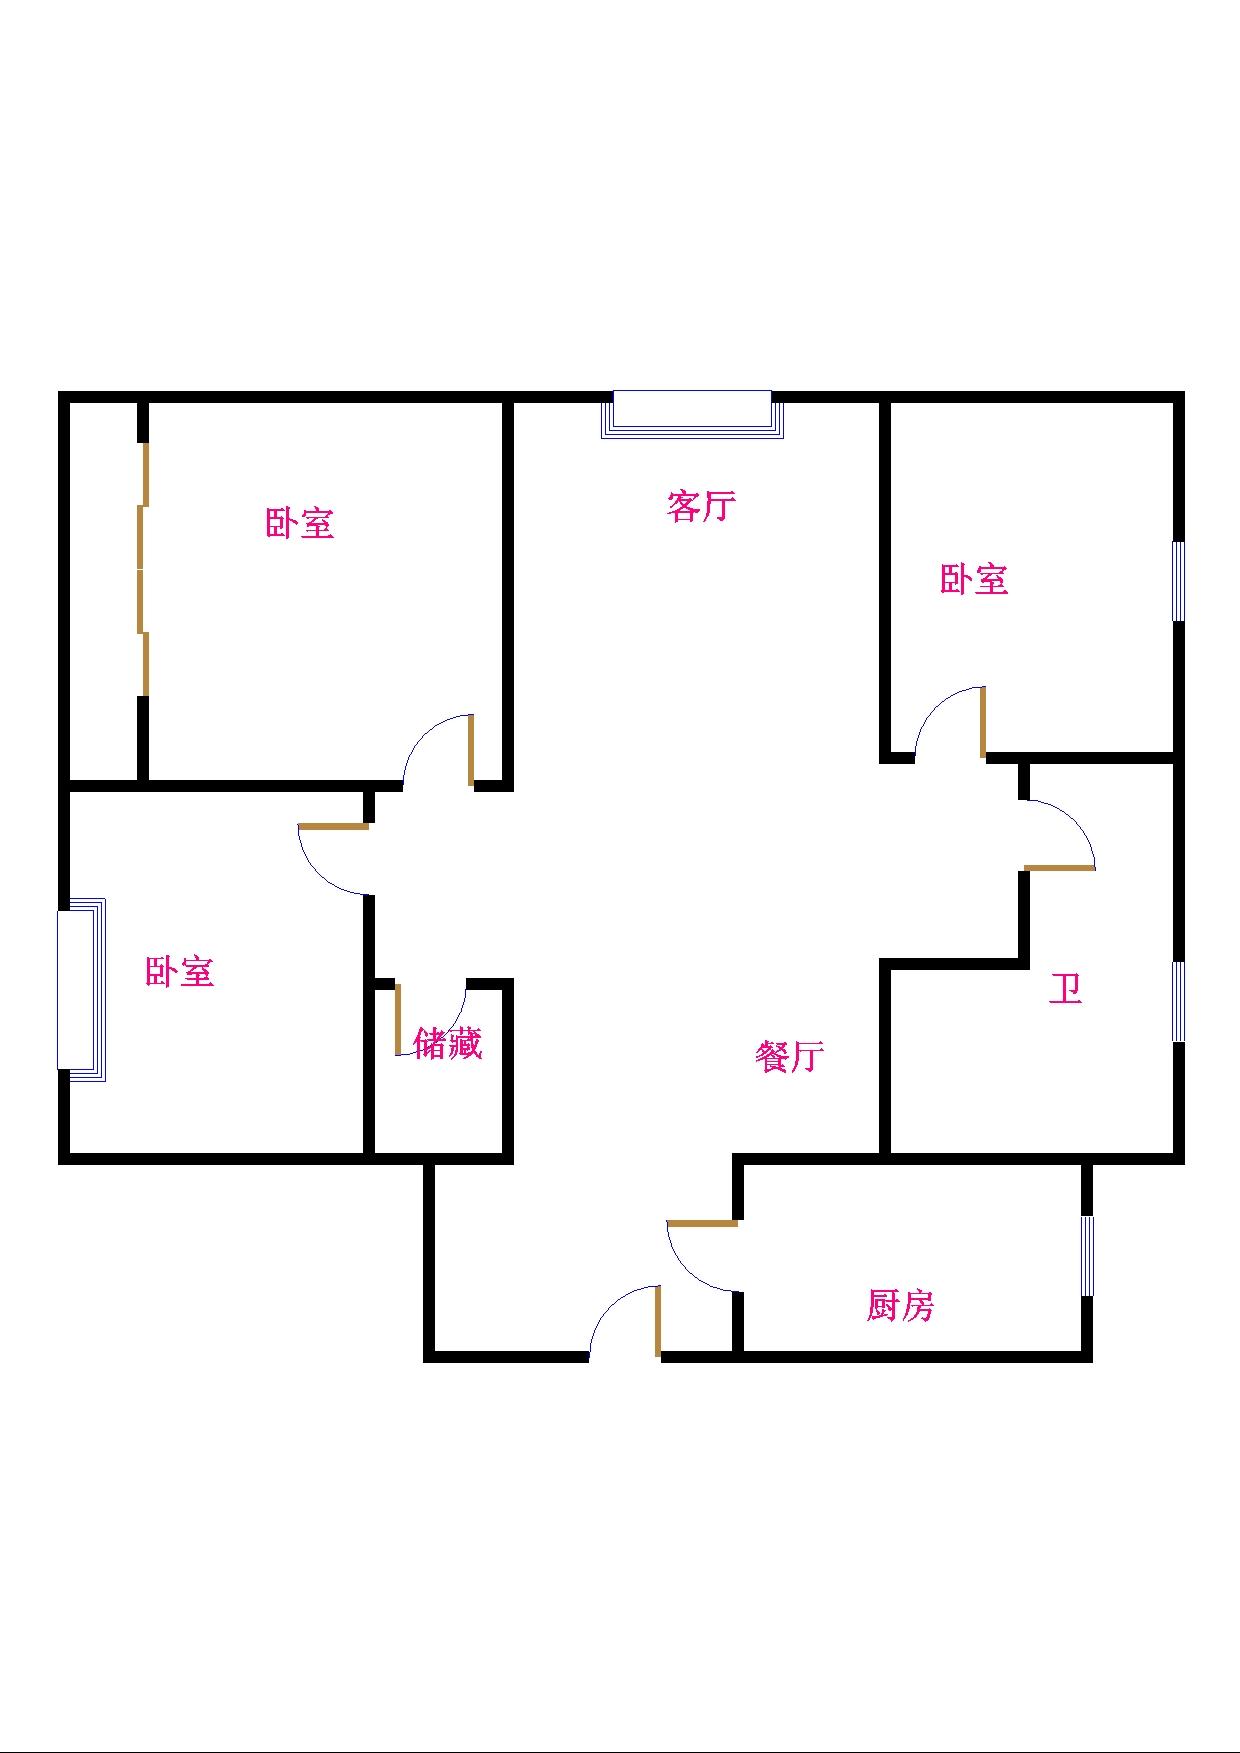 中建华府(欧香丽都) 3室2厅 18楼